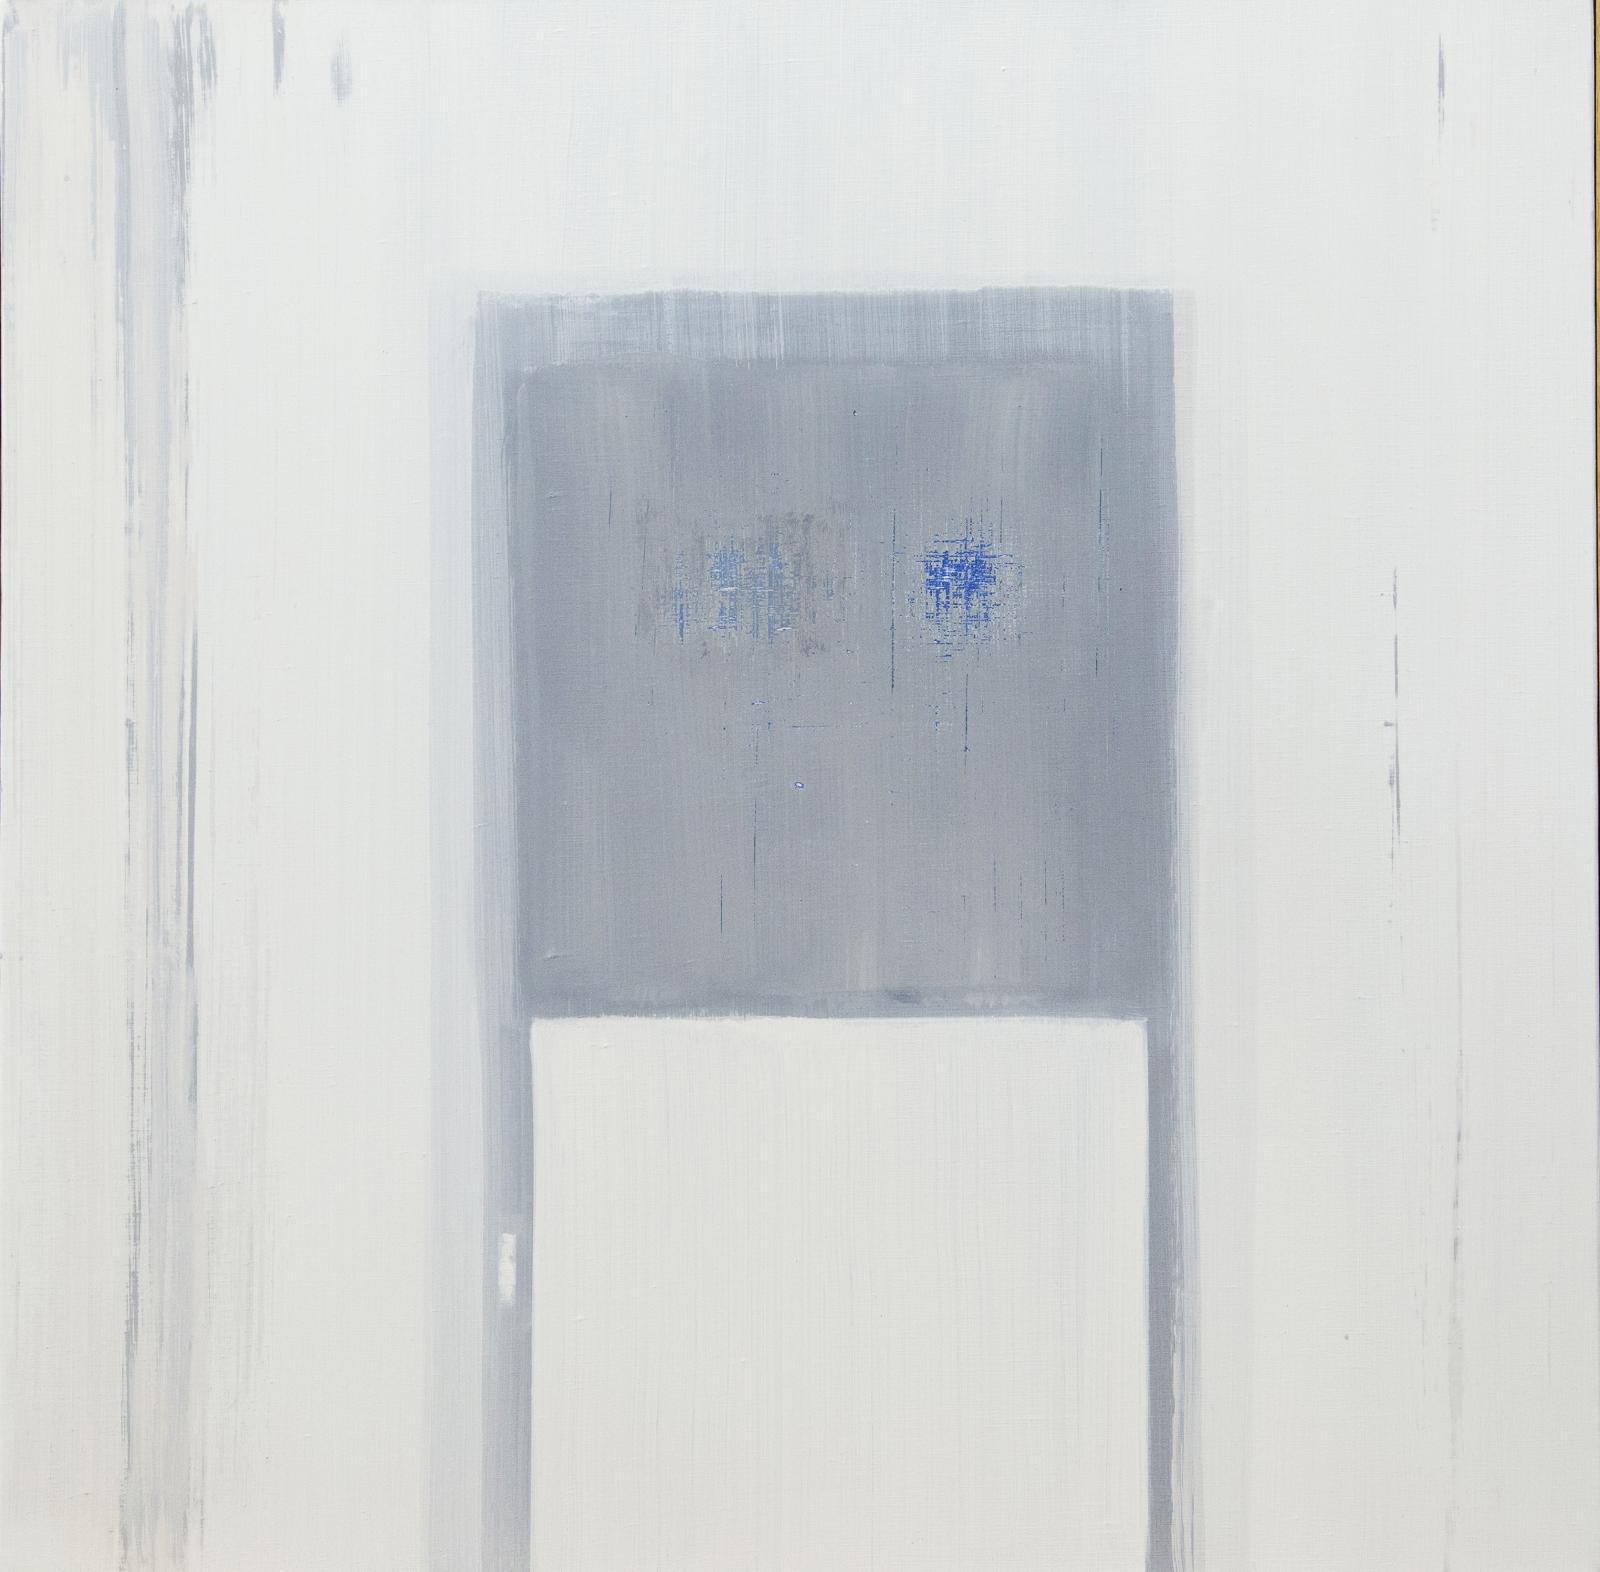 François Aubrun, Untitled #550, 1990